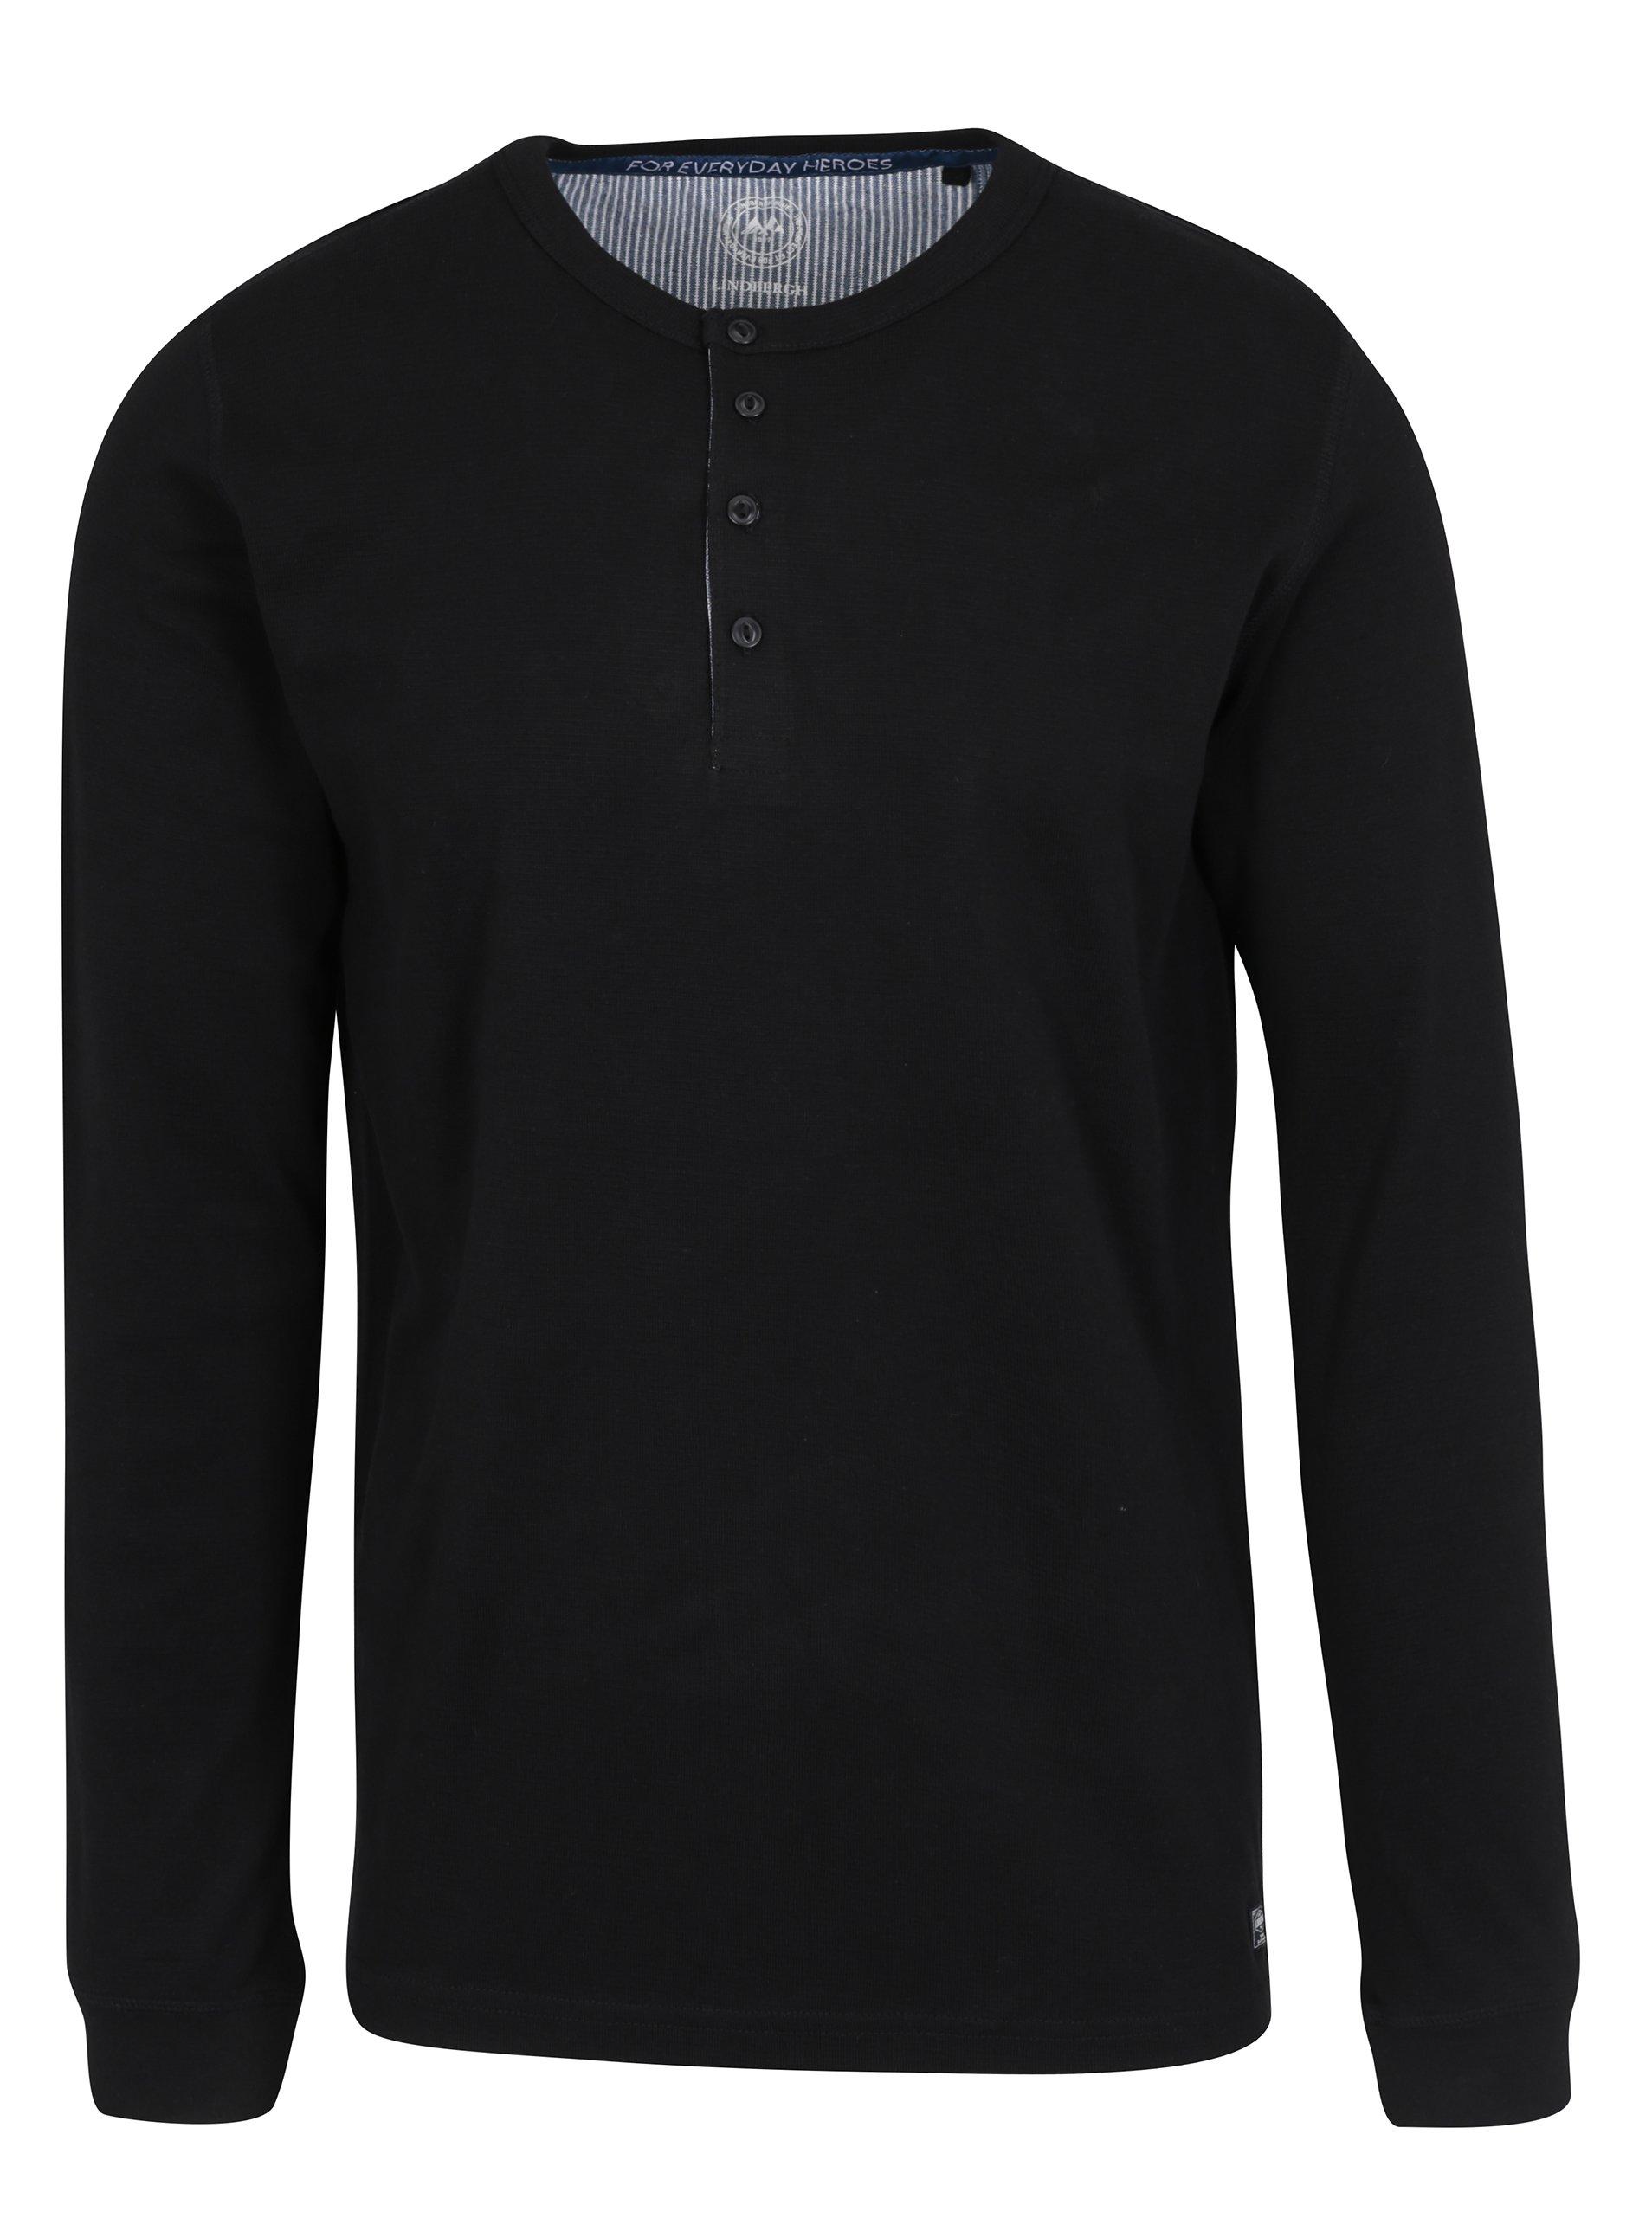 Černé tričko s knoflíky a dlouhými rukávy Lindbergh